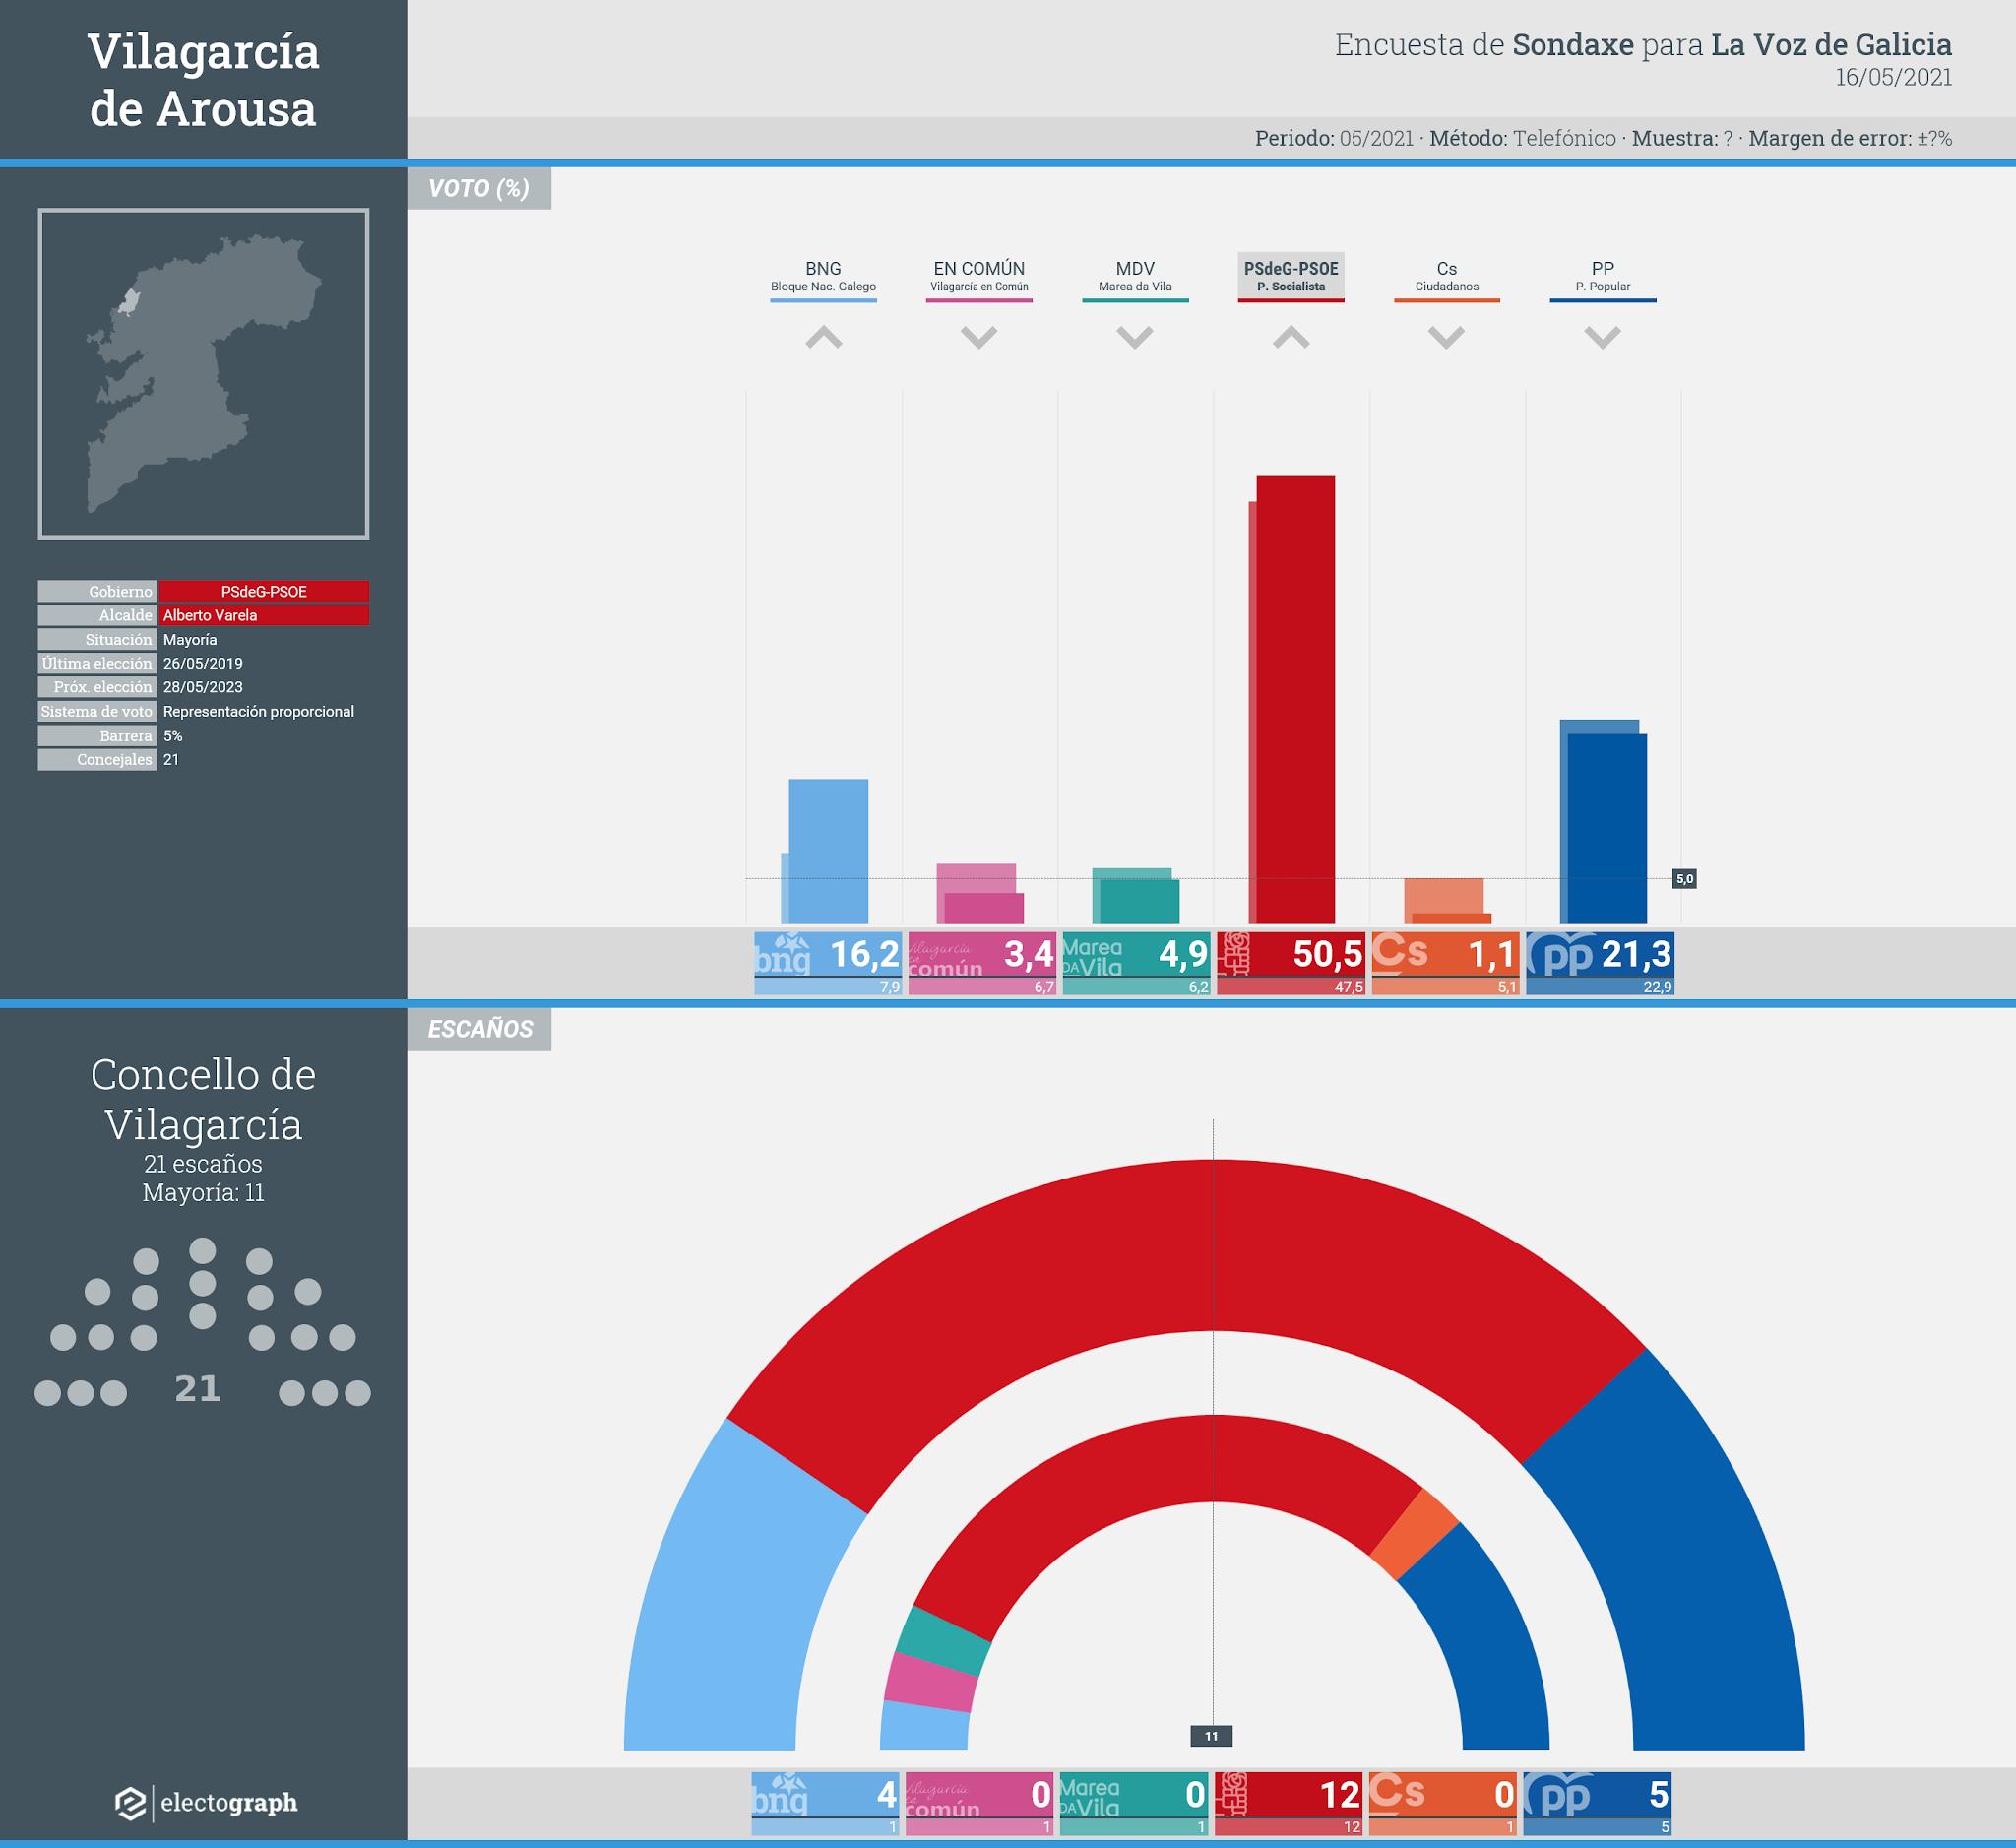 Gráfico de la encuesta para elecciones municipales en Vilagarcía de Arousa realizada por Sondaxe para La Voz de Galicia, 16 de mayo de 2021